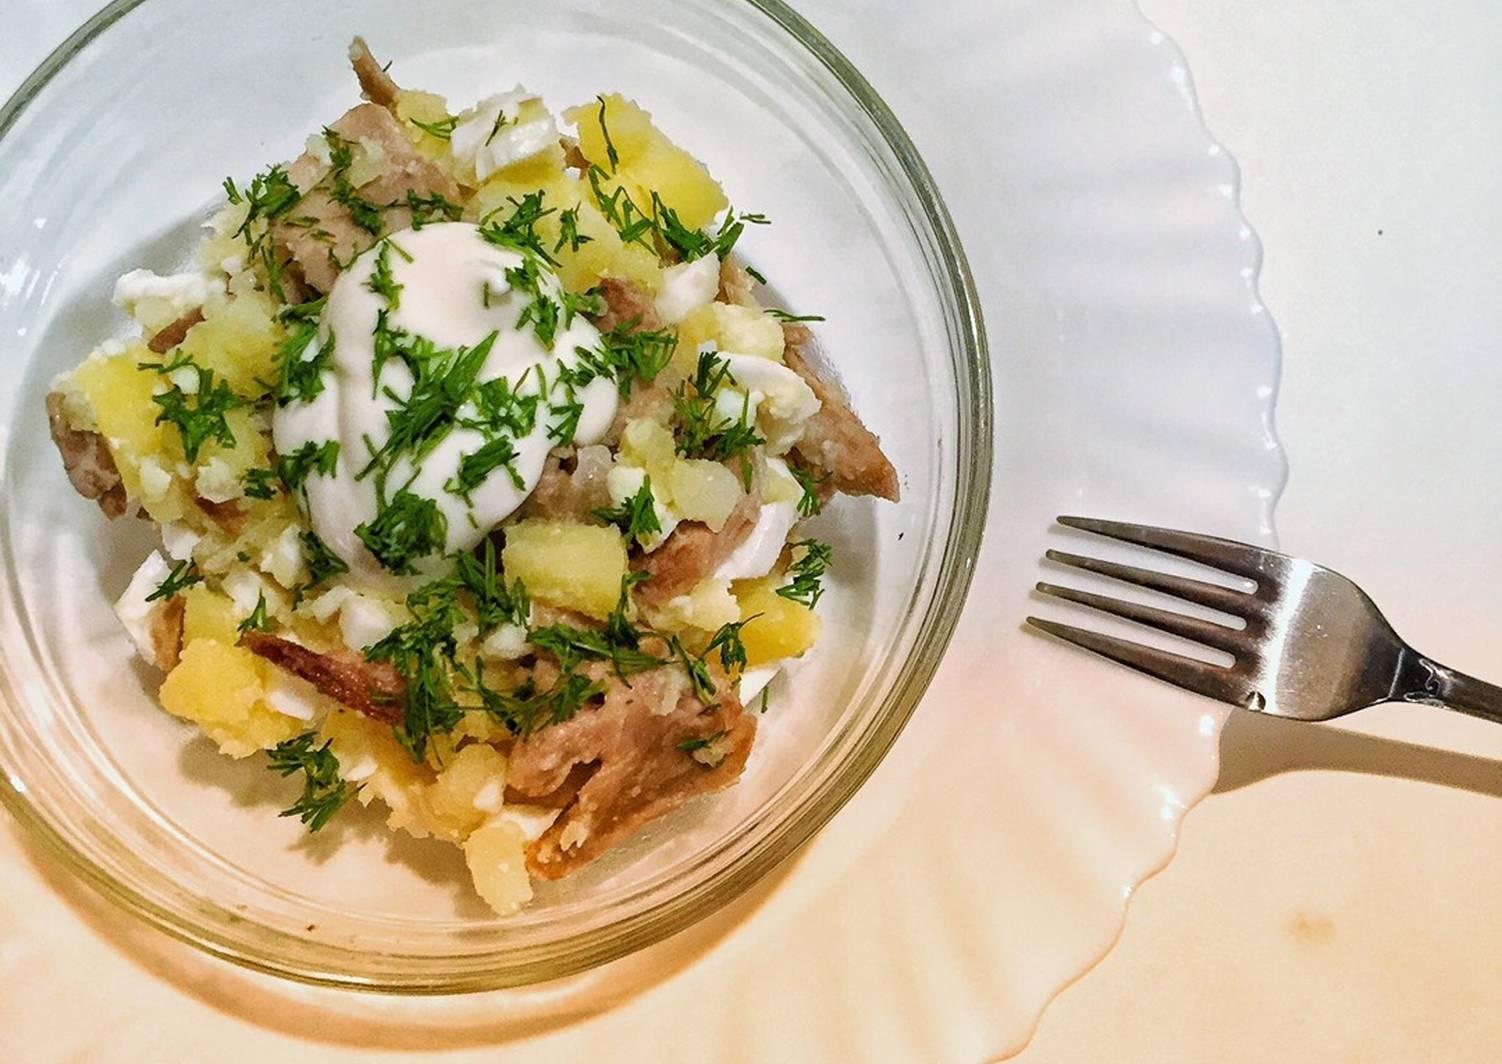 салат из картофеля рецепт с фото что назвали просто